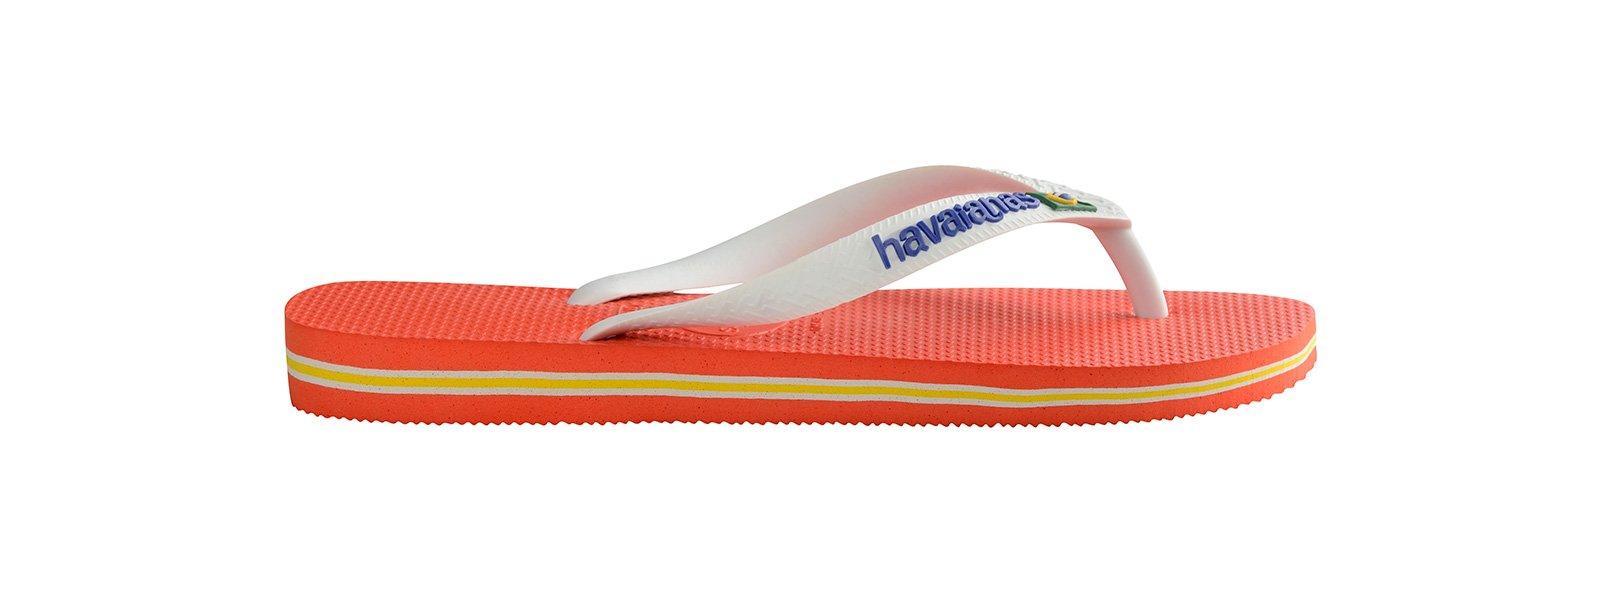 32051d8fc009e Flip-Flops - Zehentrenner Zehentrenner - Havaianas Brasil Logo Pumpkin